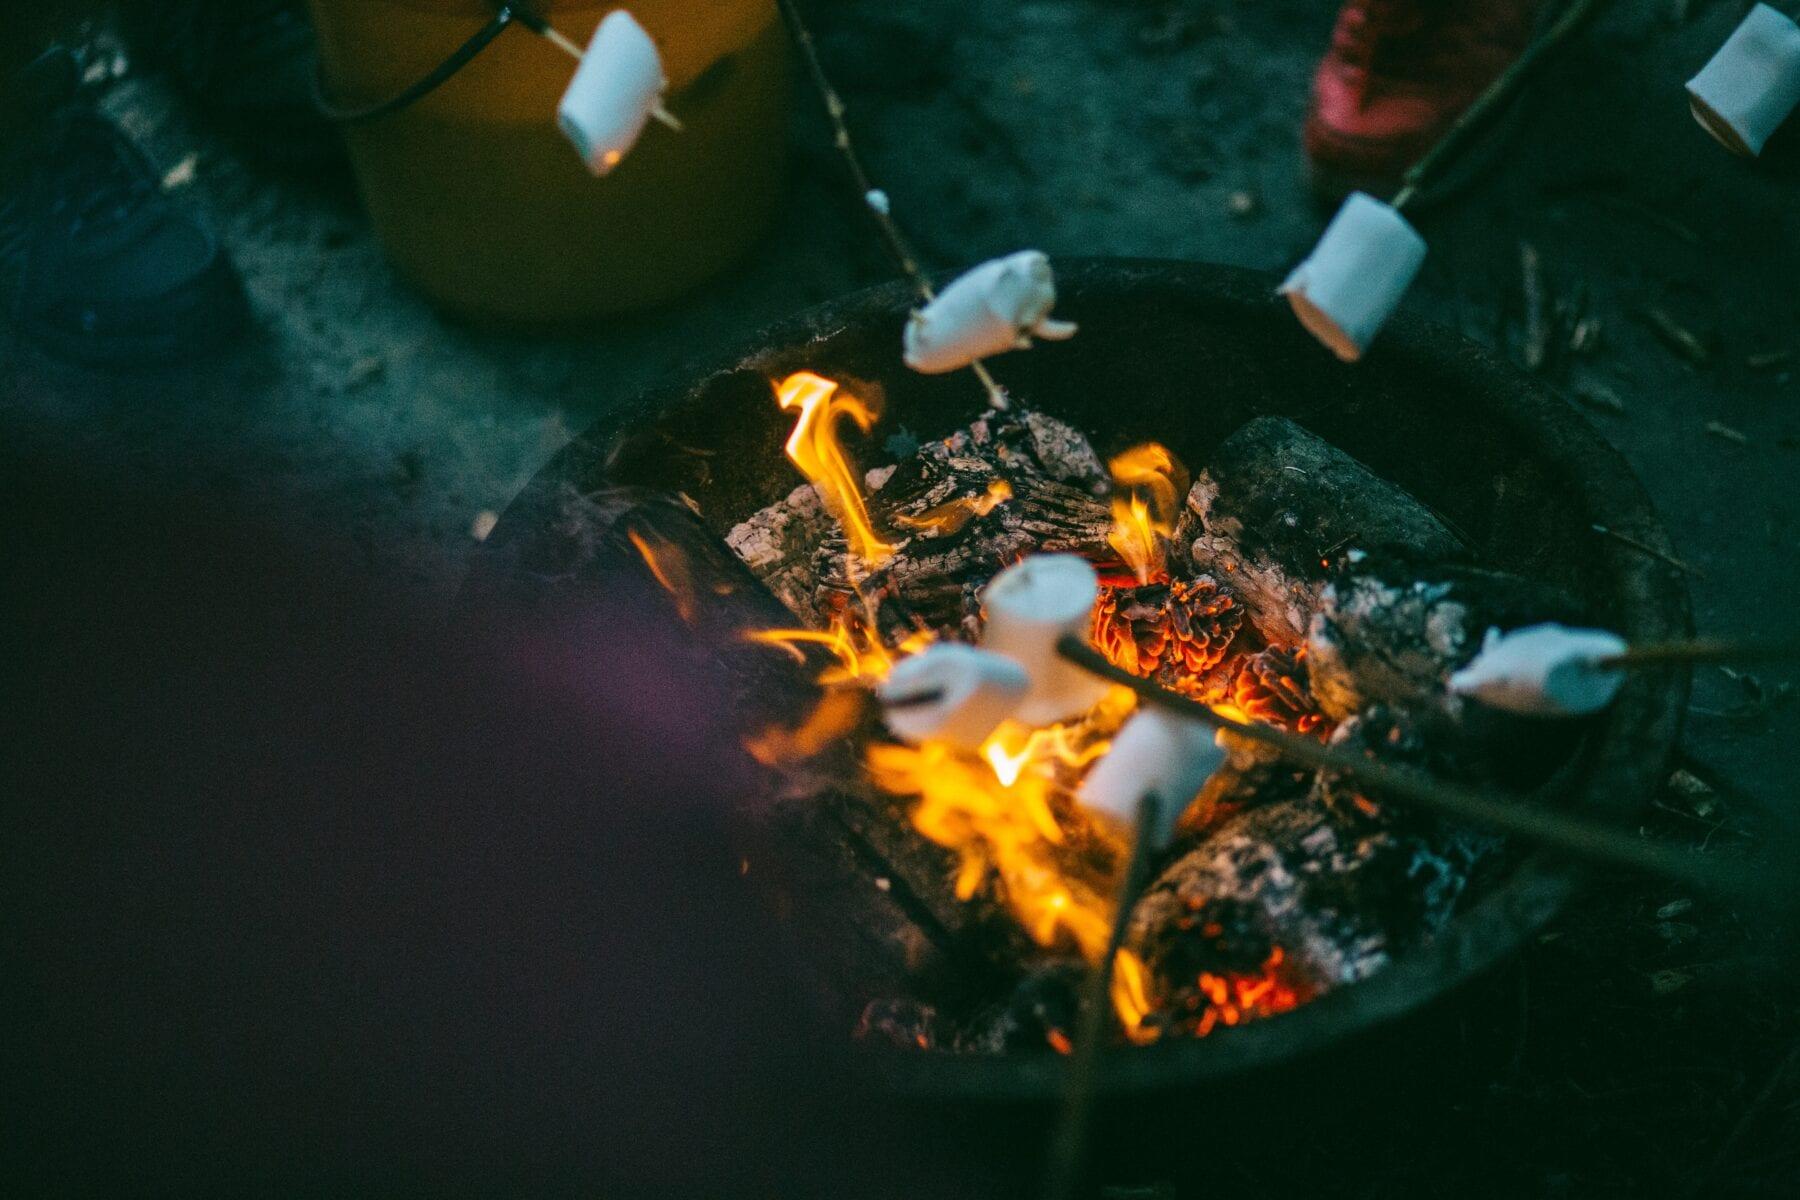 Koken op vuur spies